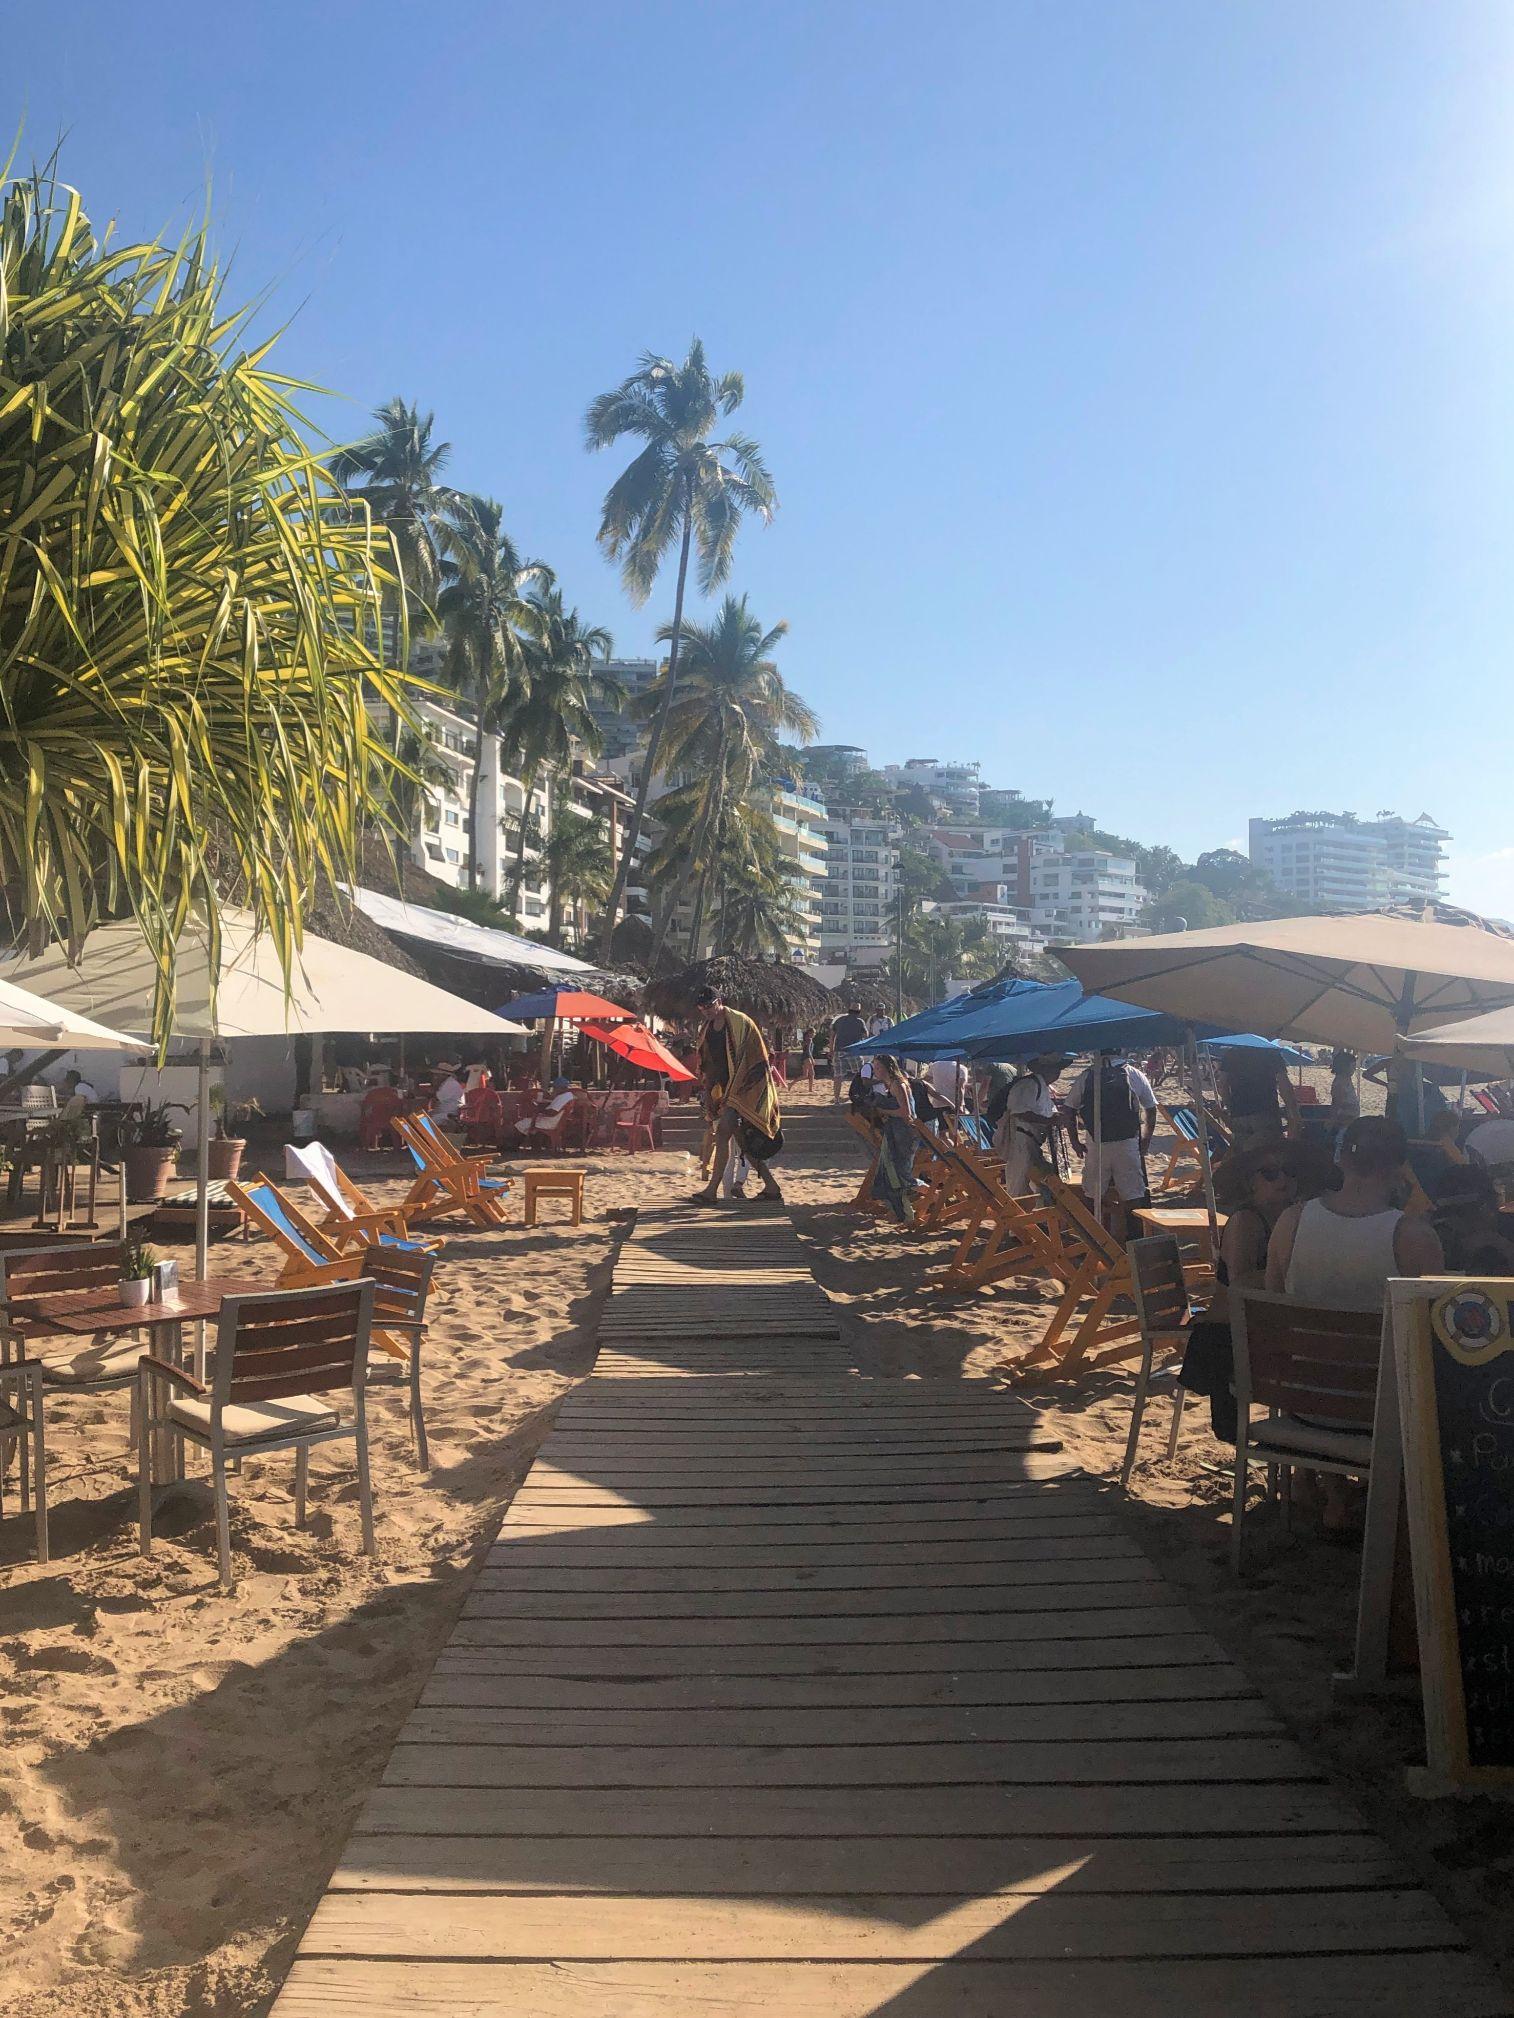 crowds along the Los Muertos beach boardwalk in Puerto Vallarta